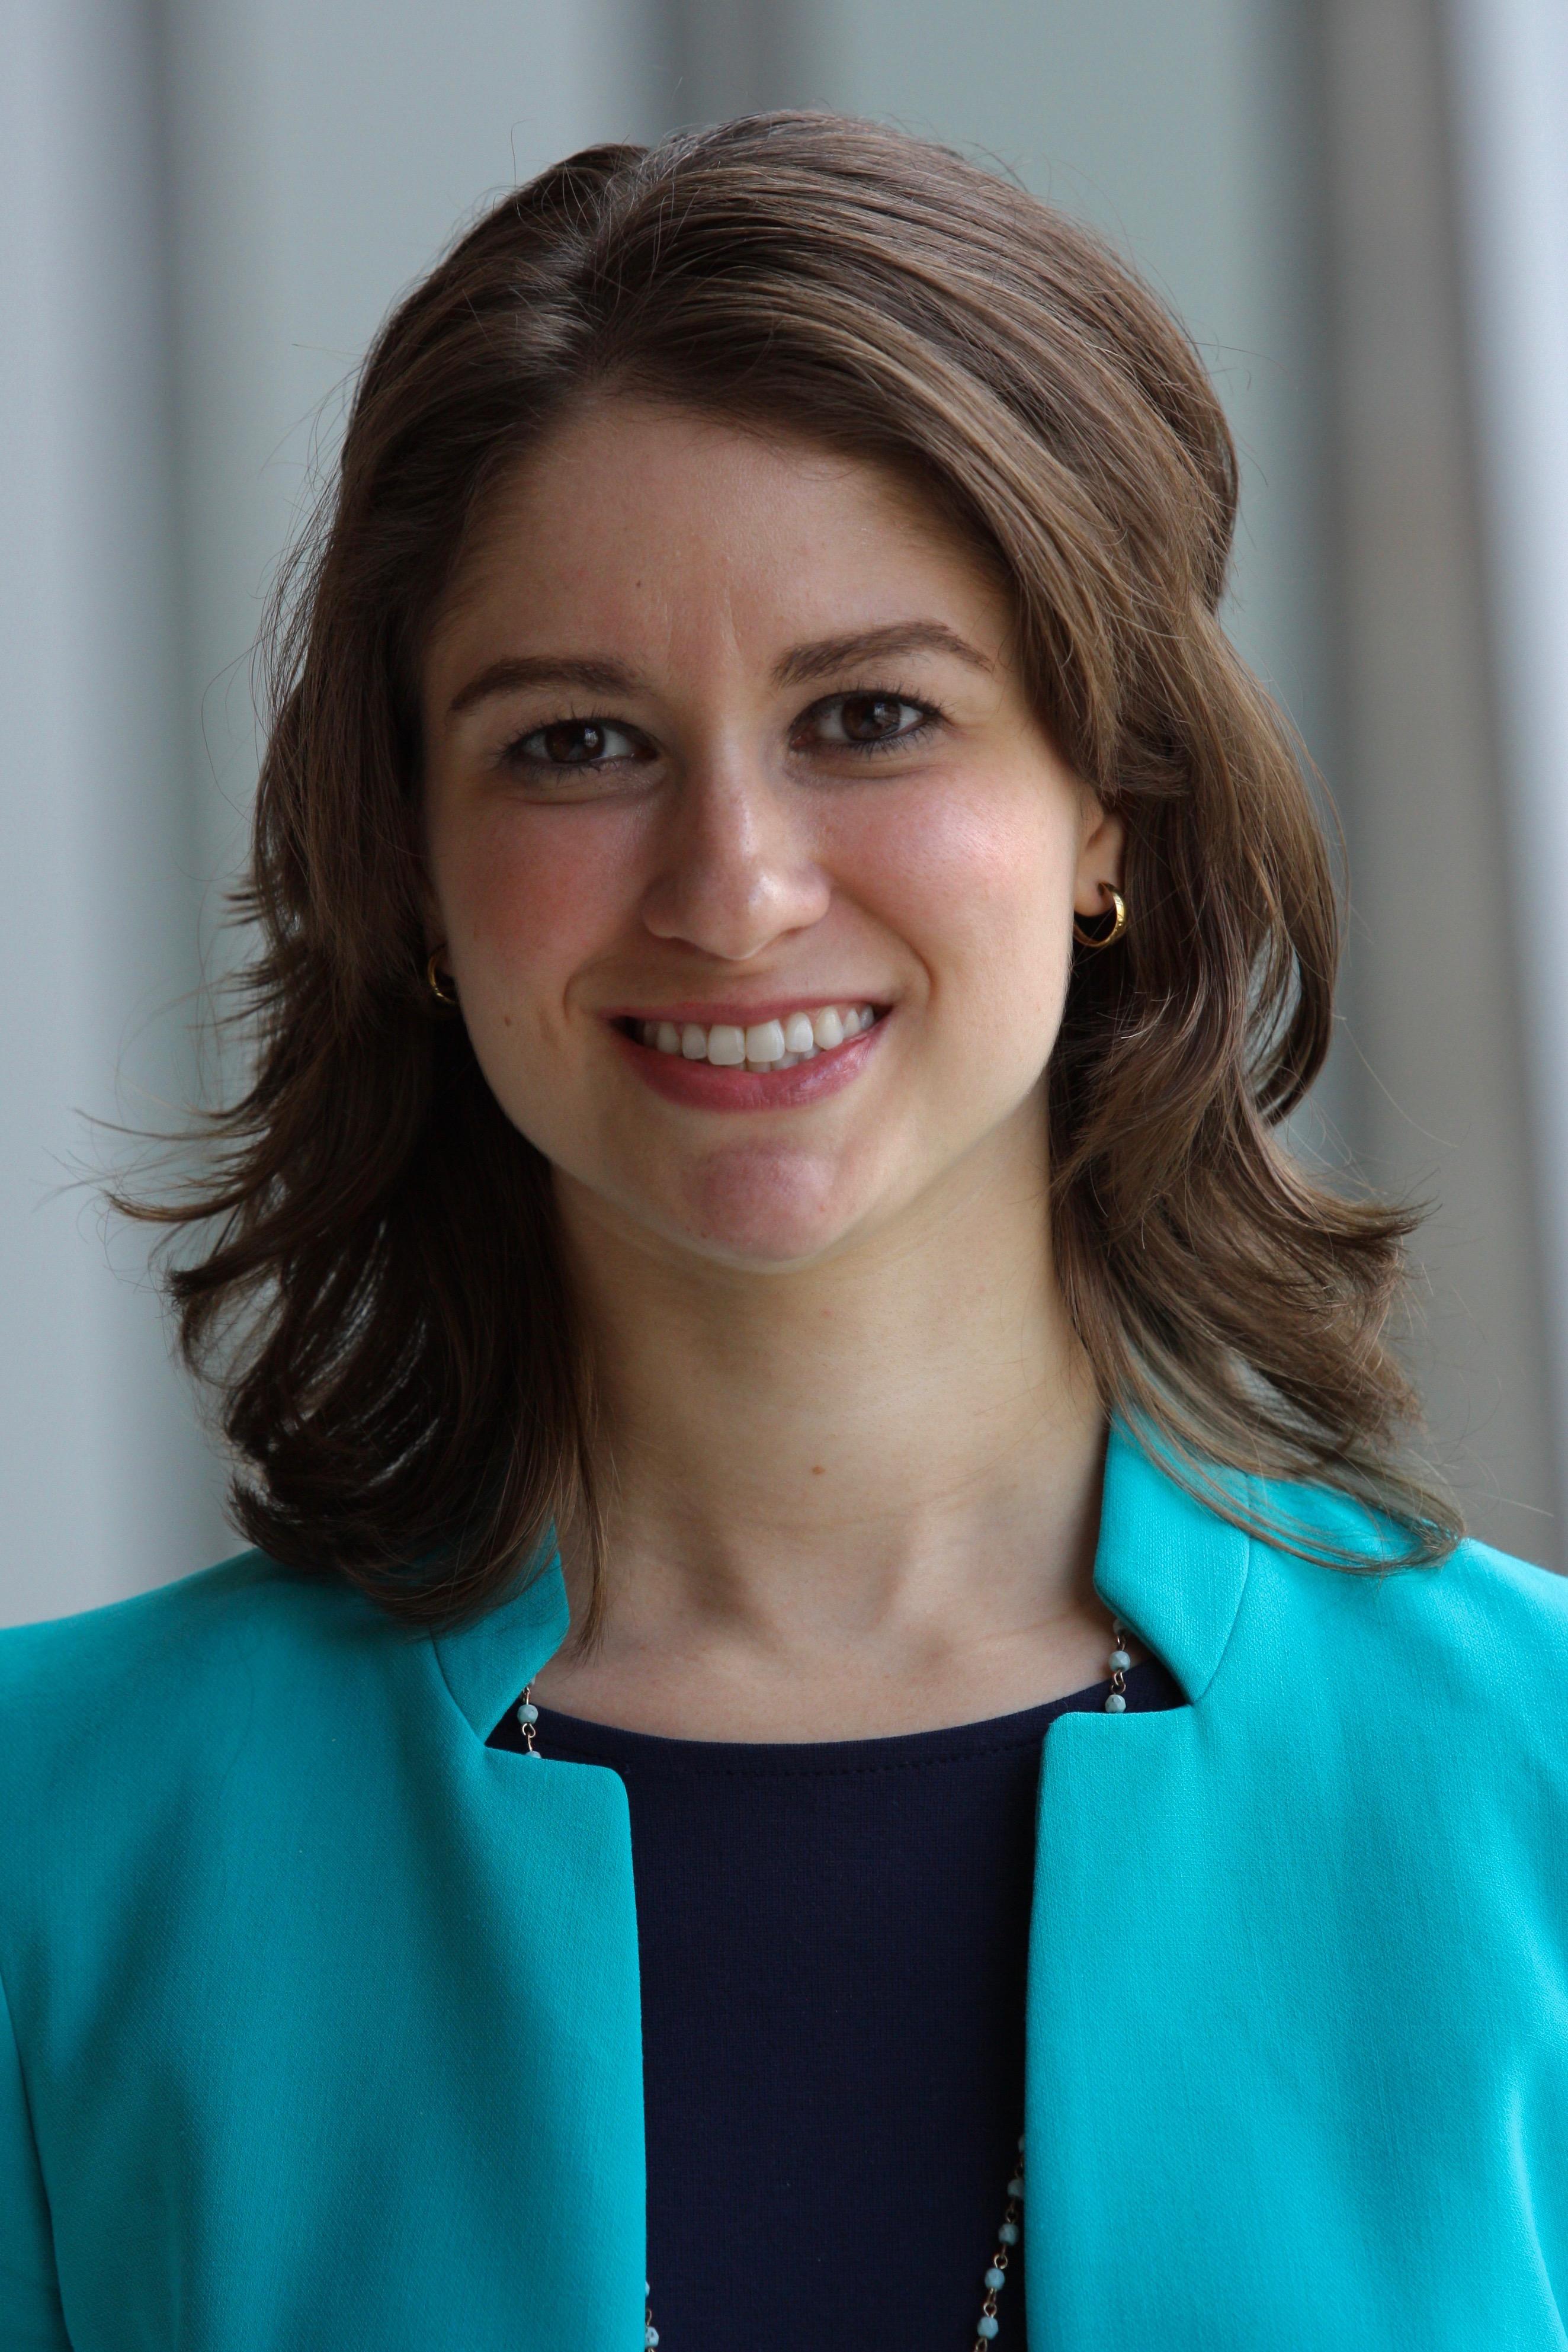 Maria Elena (Ellen) De Obaldia